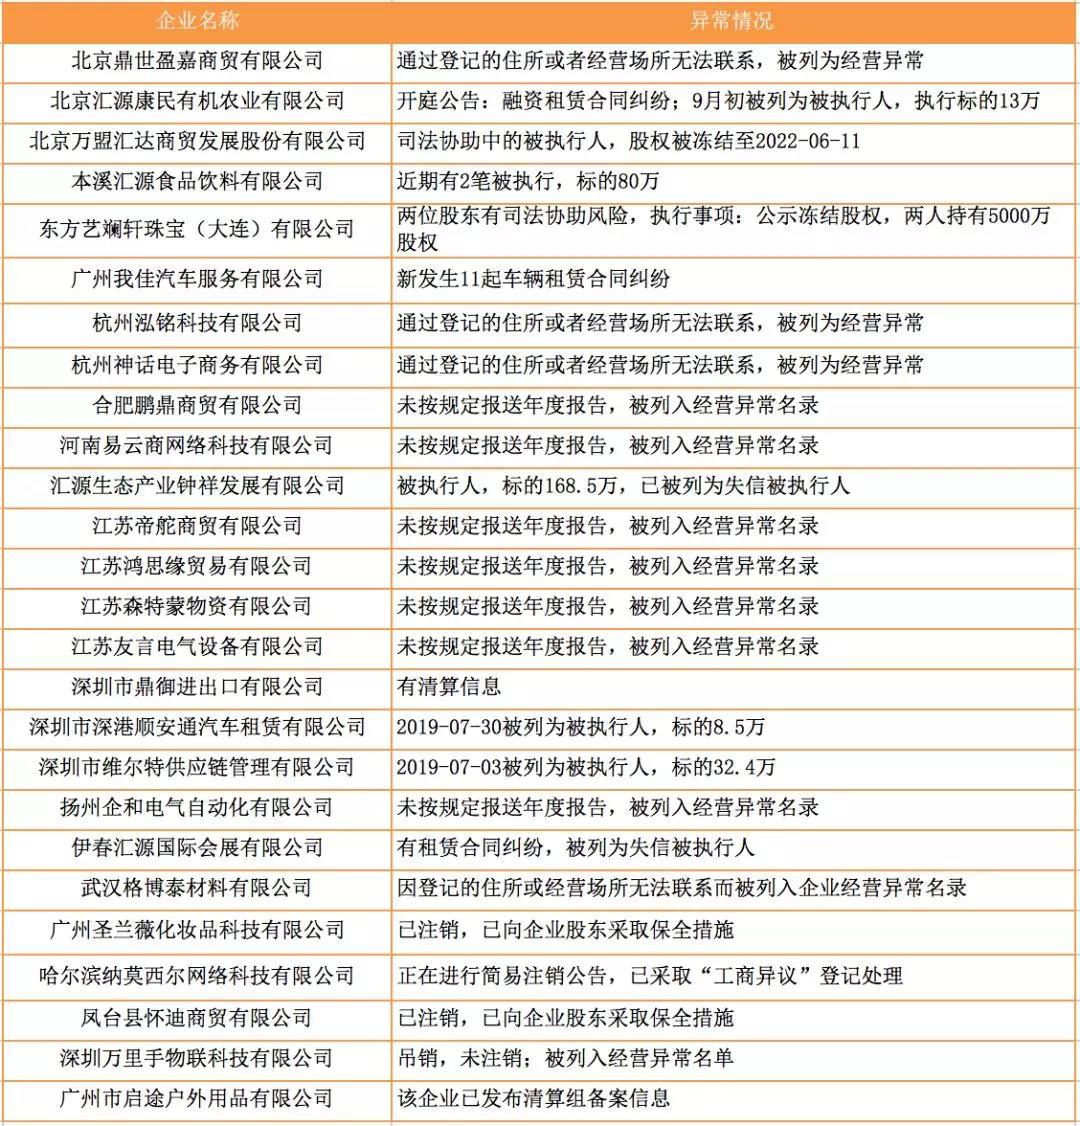 网信发布27家未按时履行还款义务企业名单